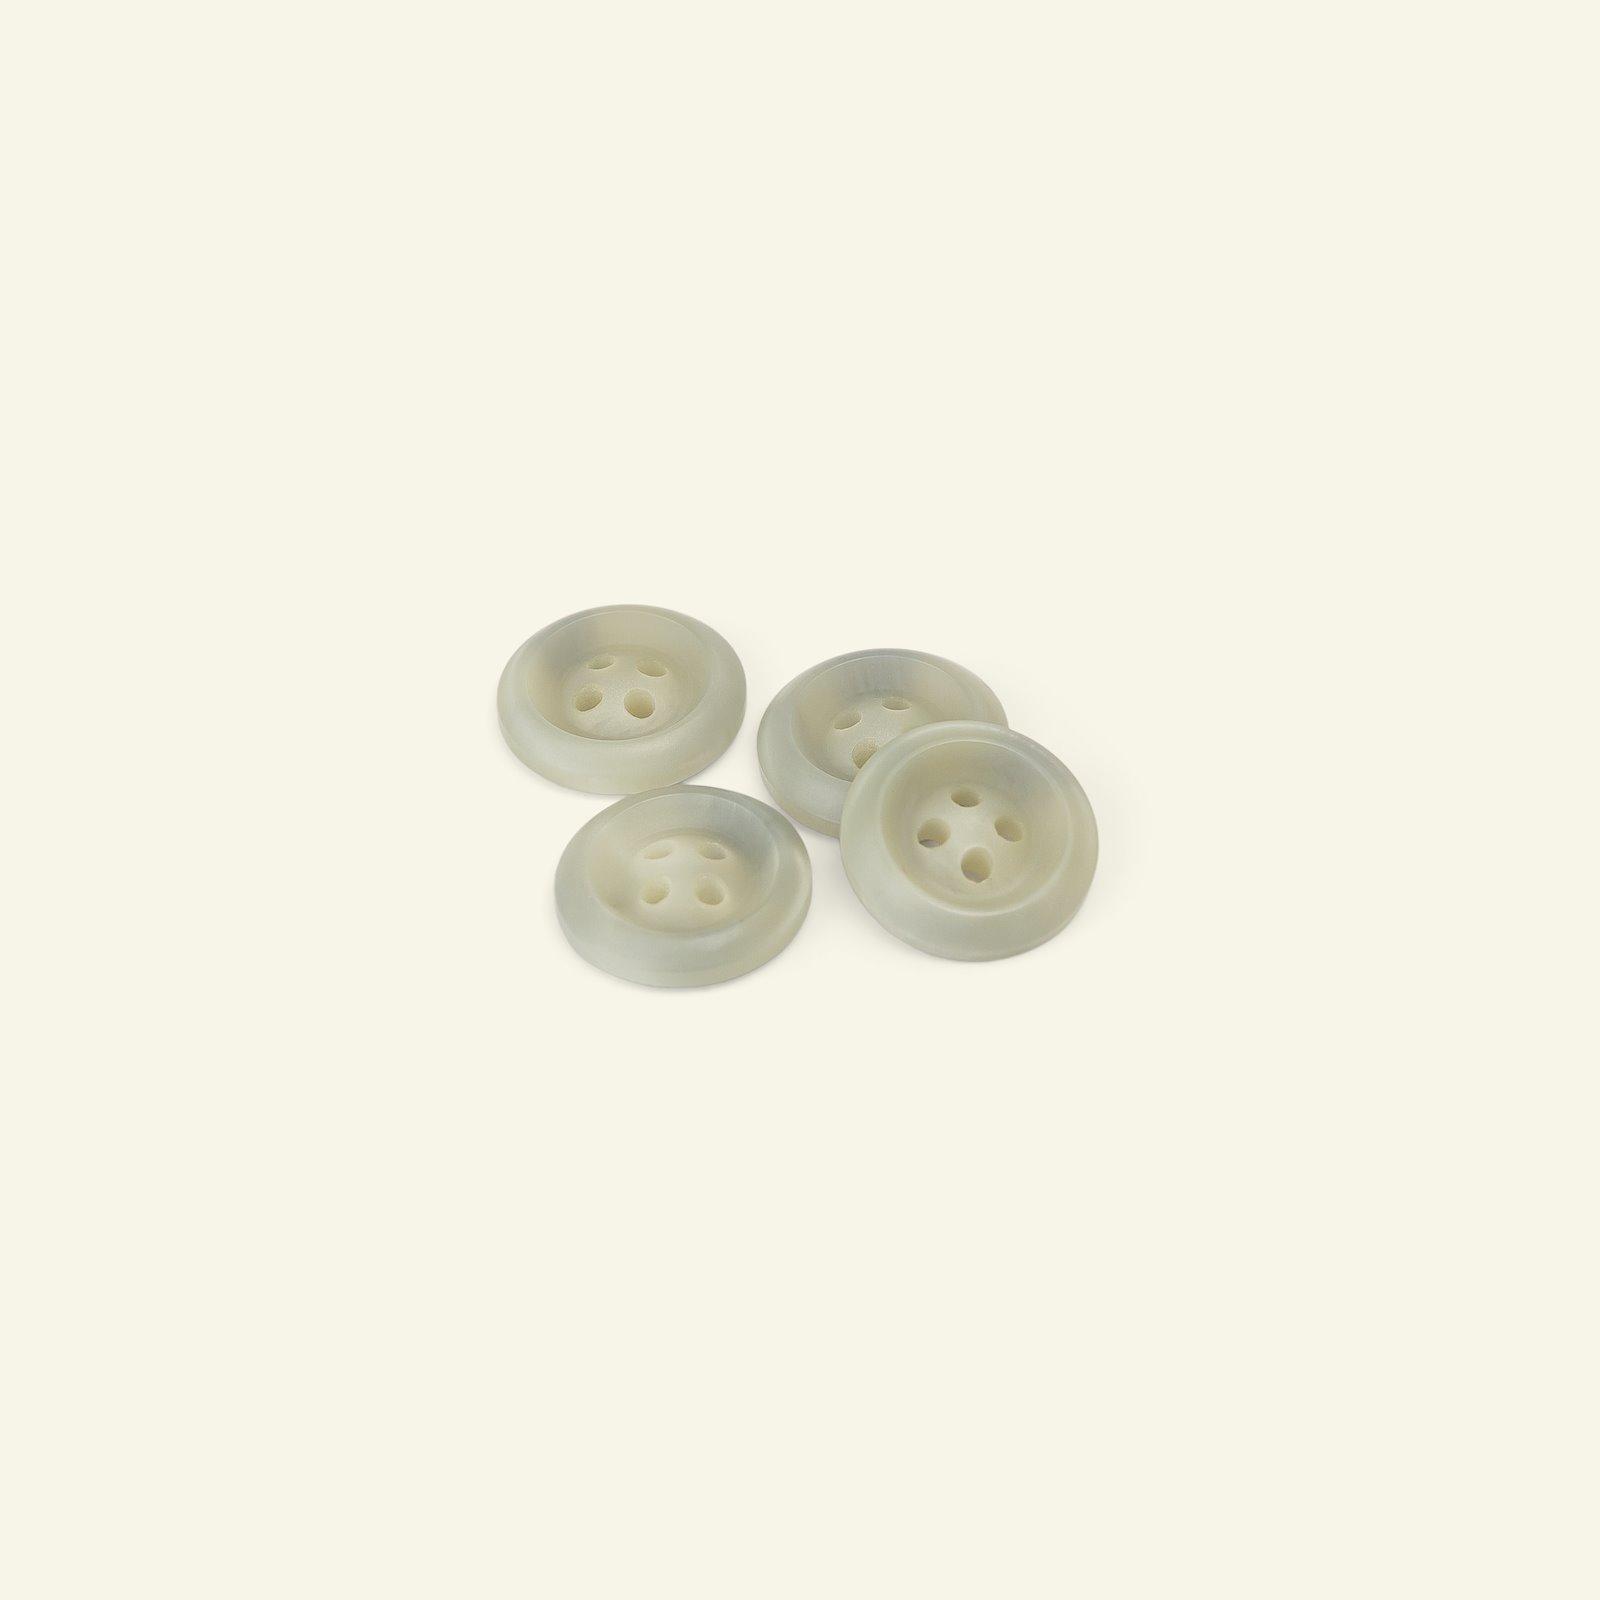 Button 4-holes w/rim 18mm grey 4pcs 33063_pack